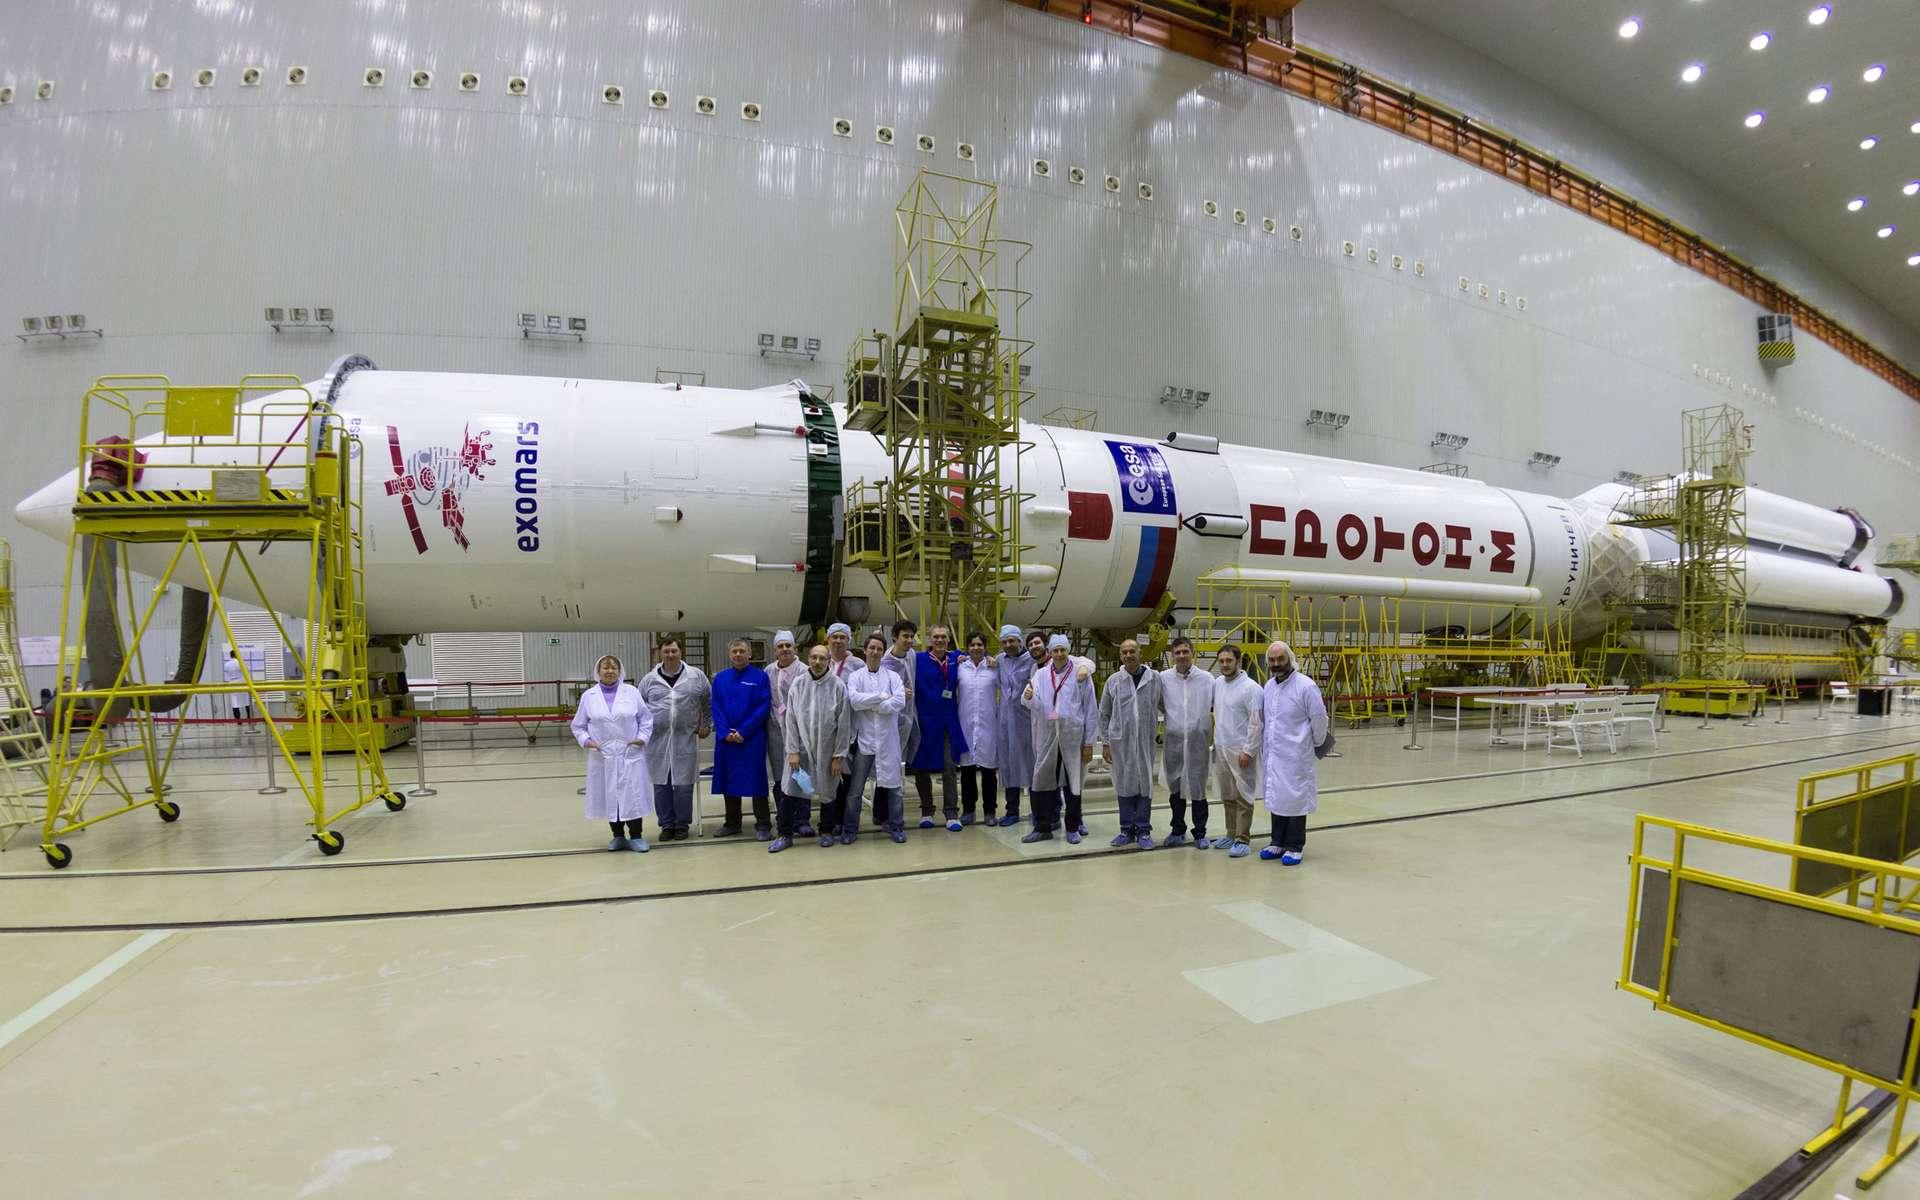 Le lanceur Proton avec à son bord la sonde ExoMars 2016. © Esa/KhSC